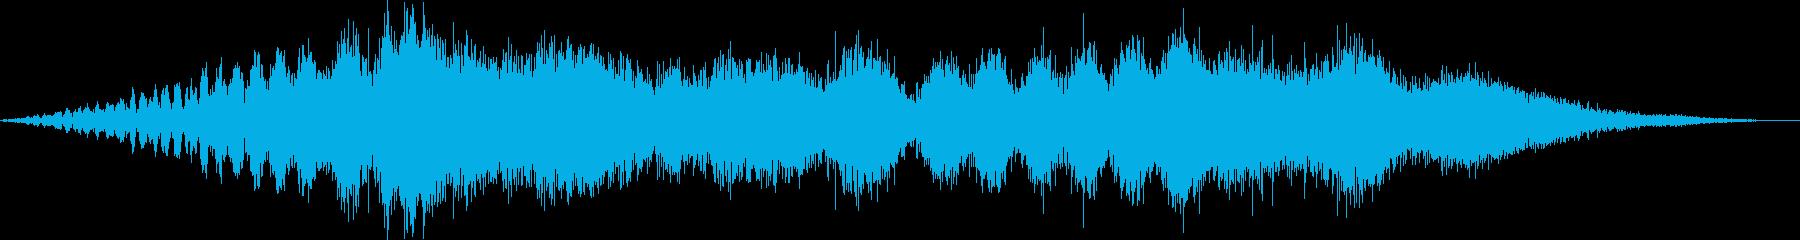 プロペラ機の離陸(滑走路の始まり)の再生済みの波形